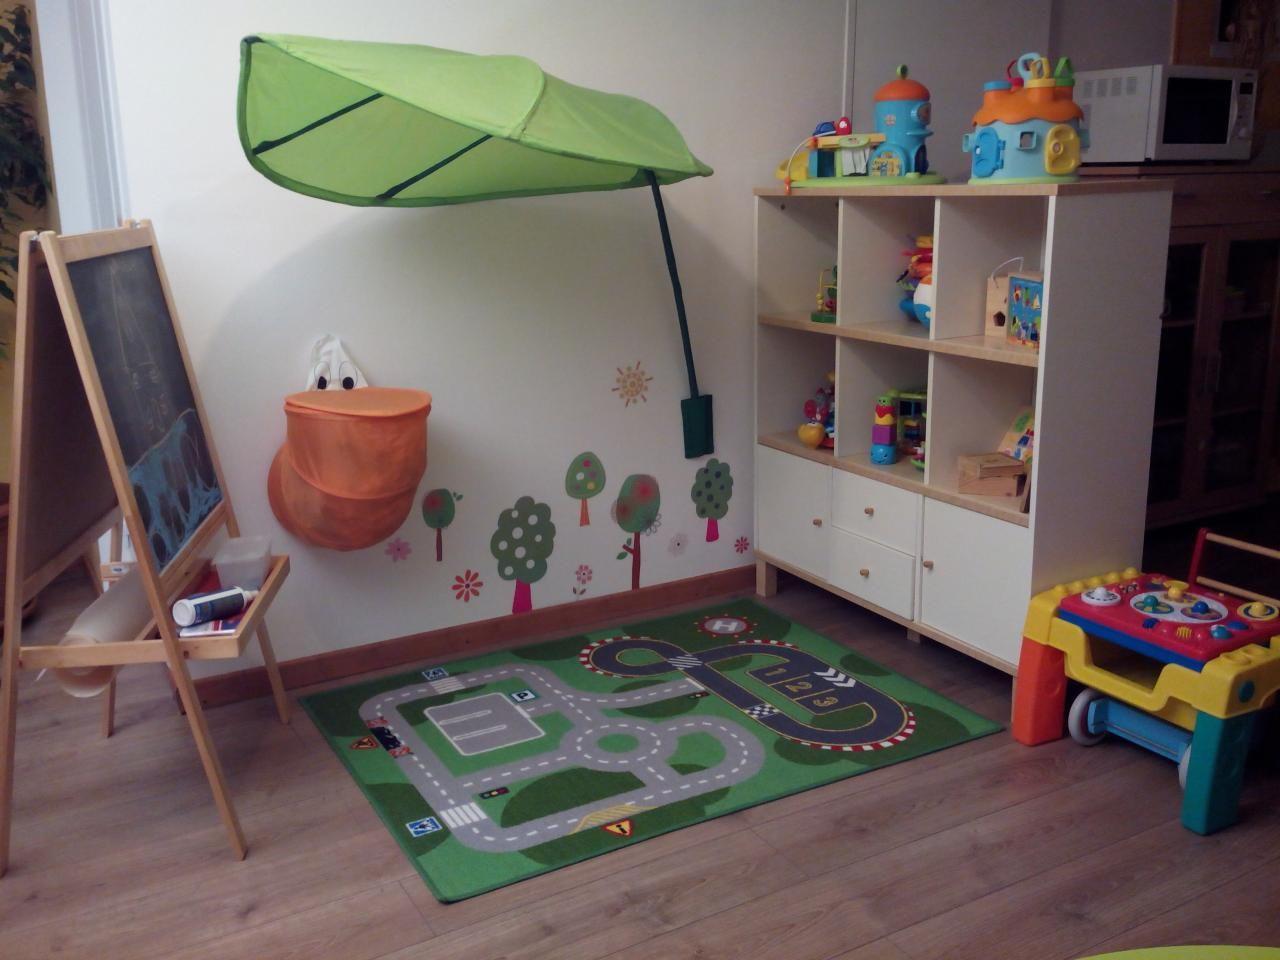 espace de jeux assistante maternelle pinterest espace de jeux assistante maternelle et. Black Bedroom Furniture Sets. Home Design Ideas